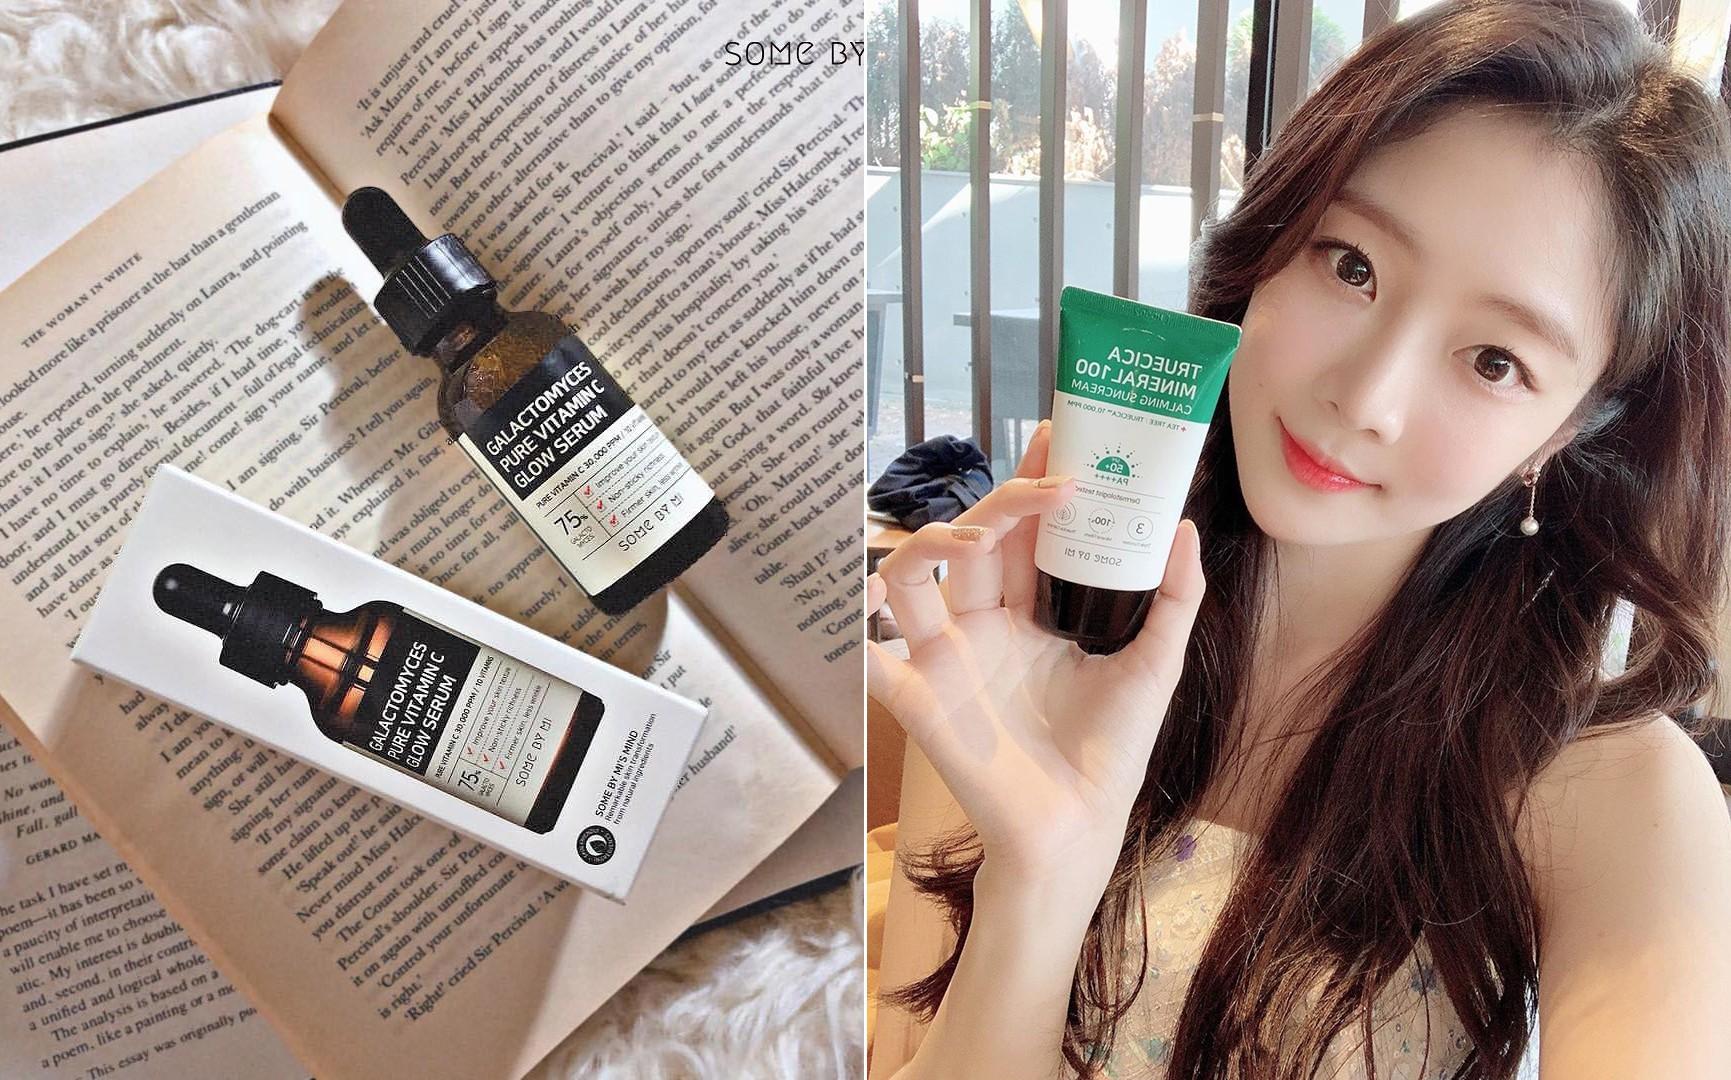 5 bộ đôi serum vitamin C và kem chống nắng bình dân mà bạn có thể dễ dàng tìm mua để có làn da đẹp thần thánh - Hình 2